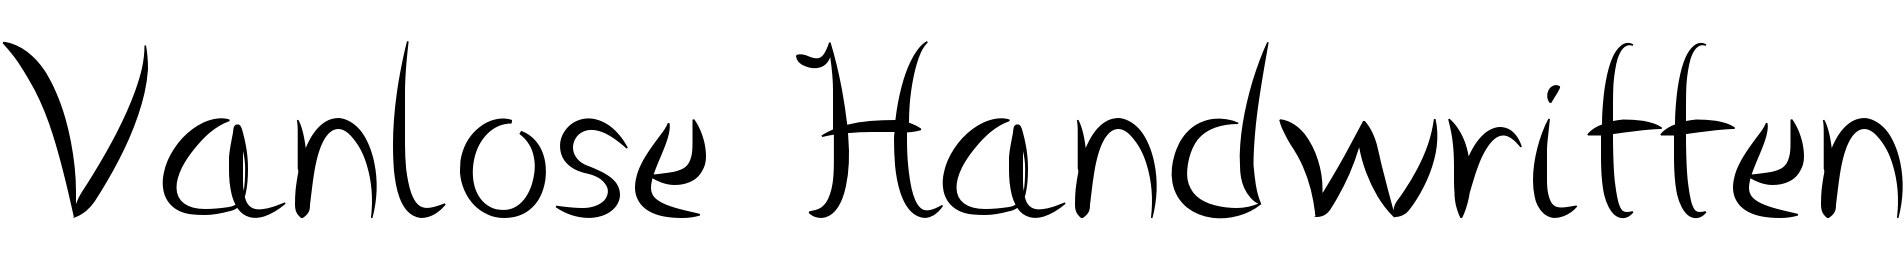 Vanlose Handwritten